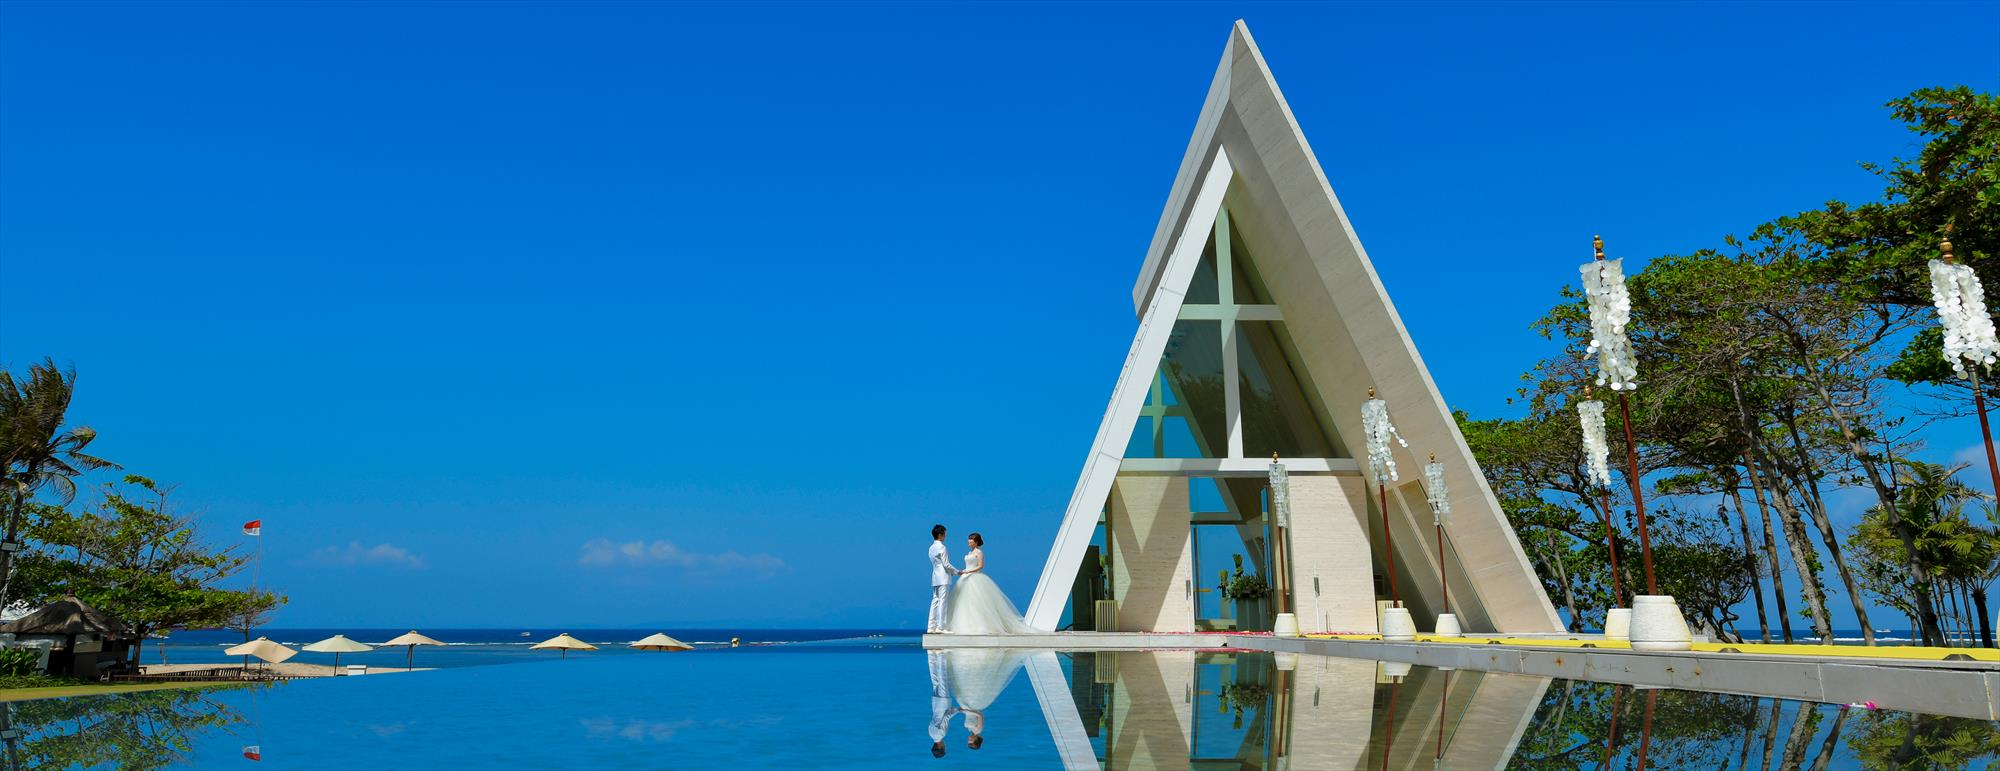 バリ島チャペル・ウェディング コンラッド・バリ インフィニティ・チャペル挙式 Conrad Bali Infinity Chapel Wedding